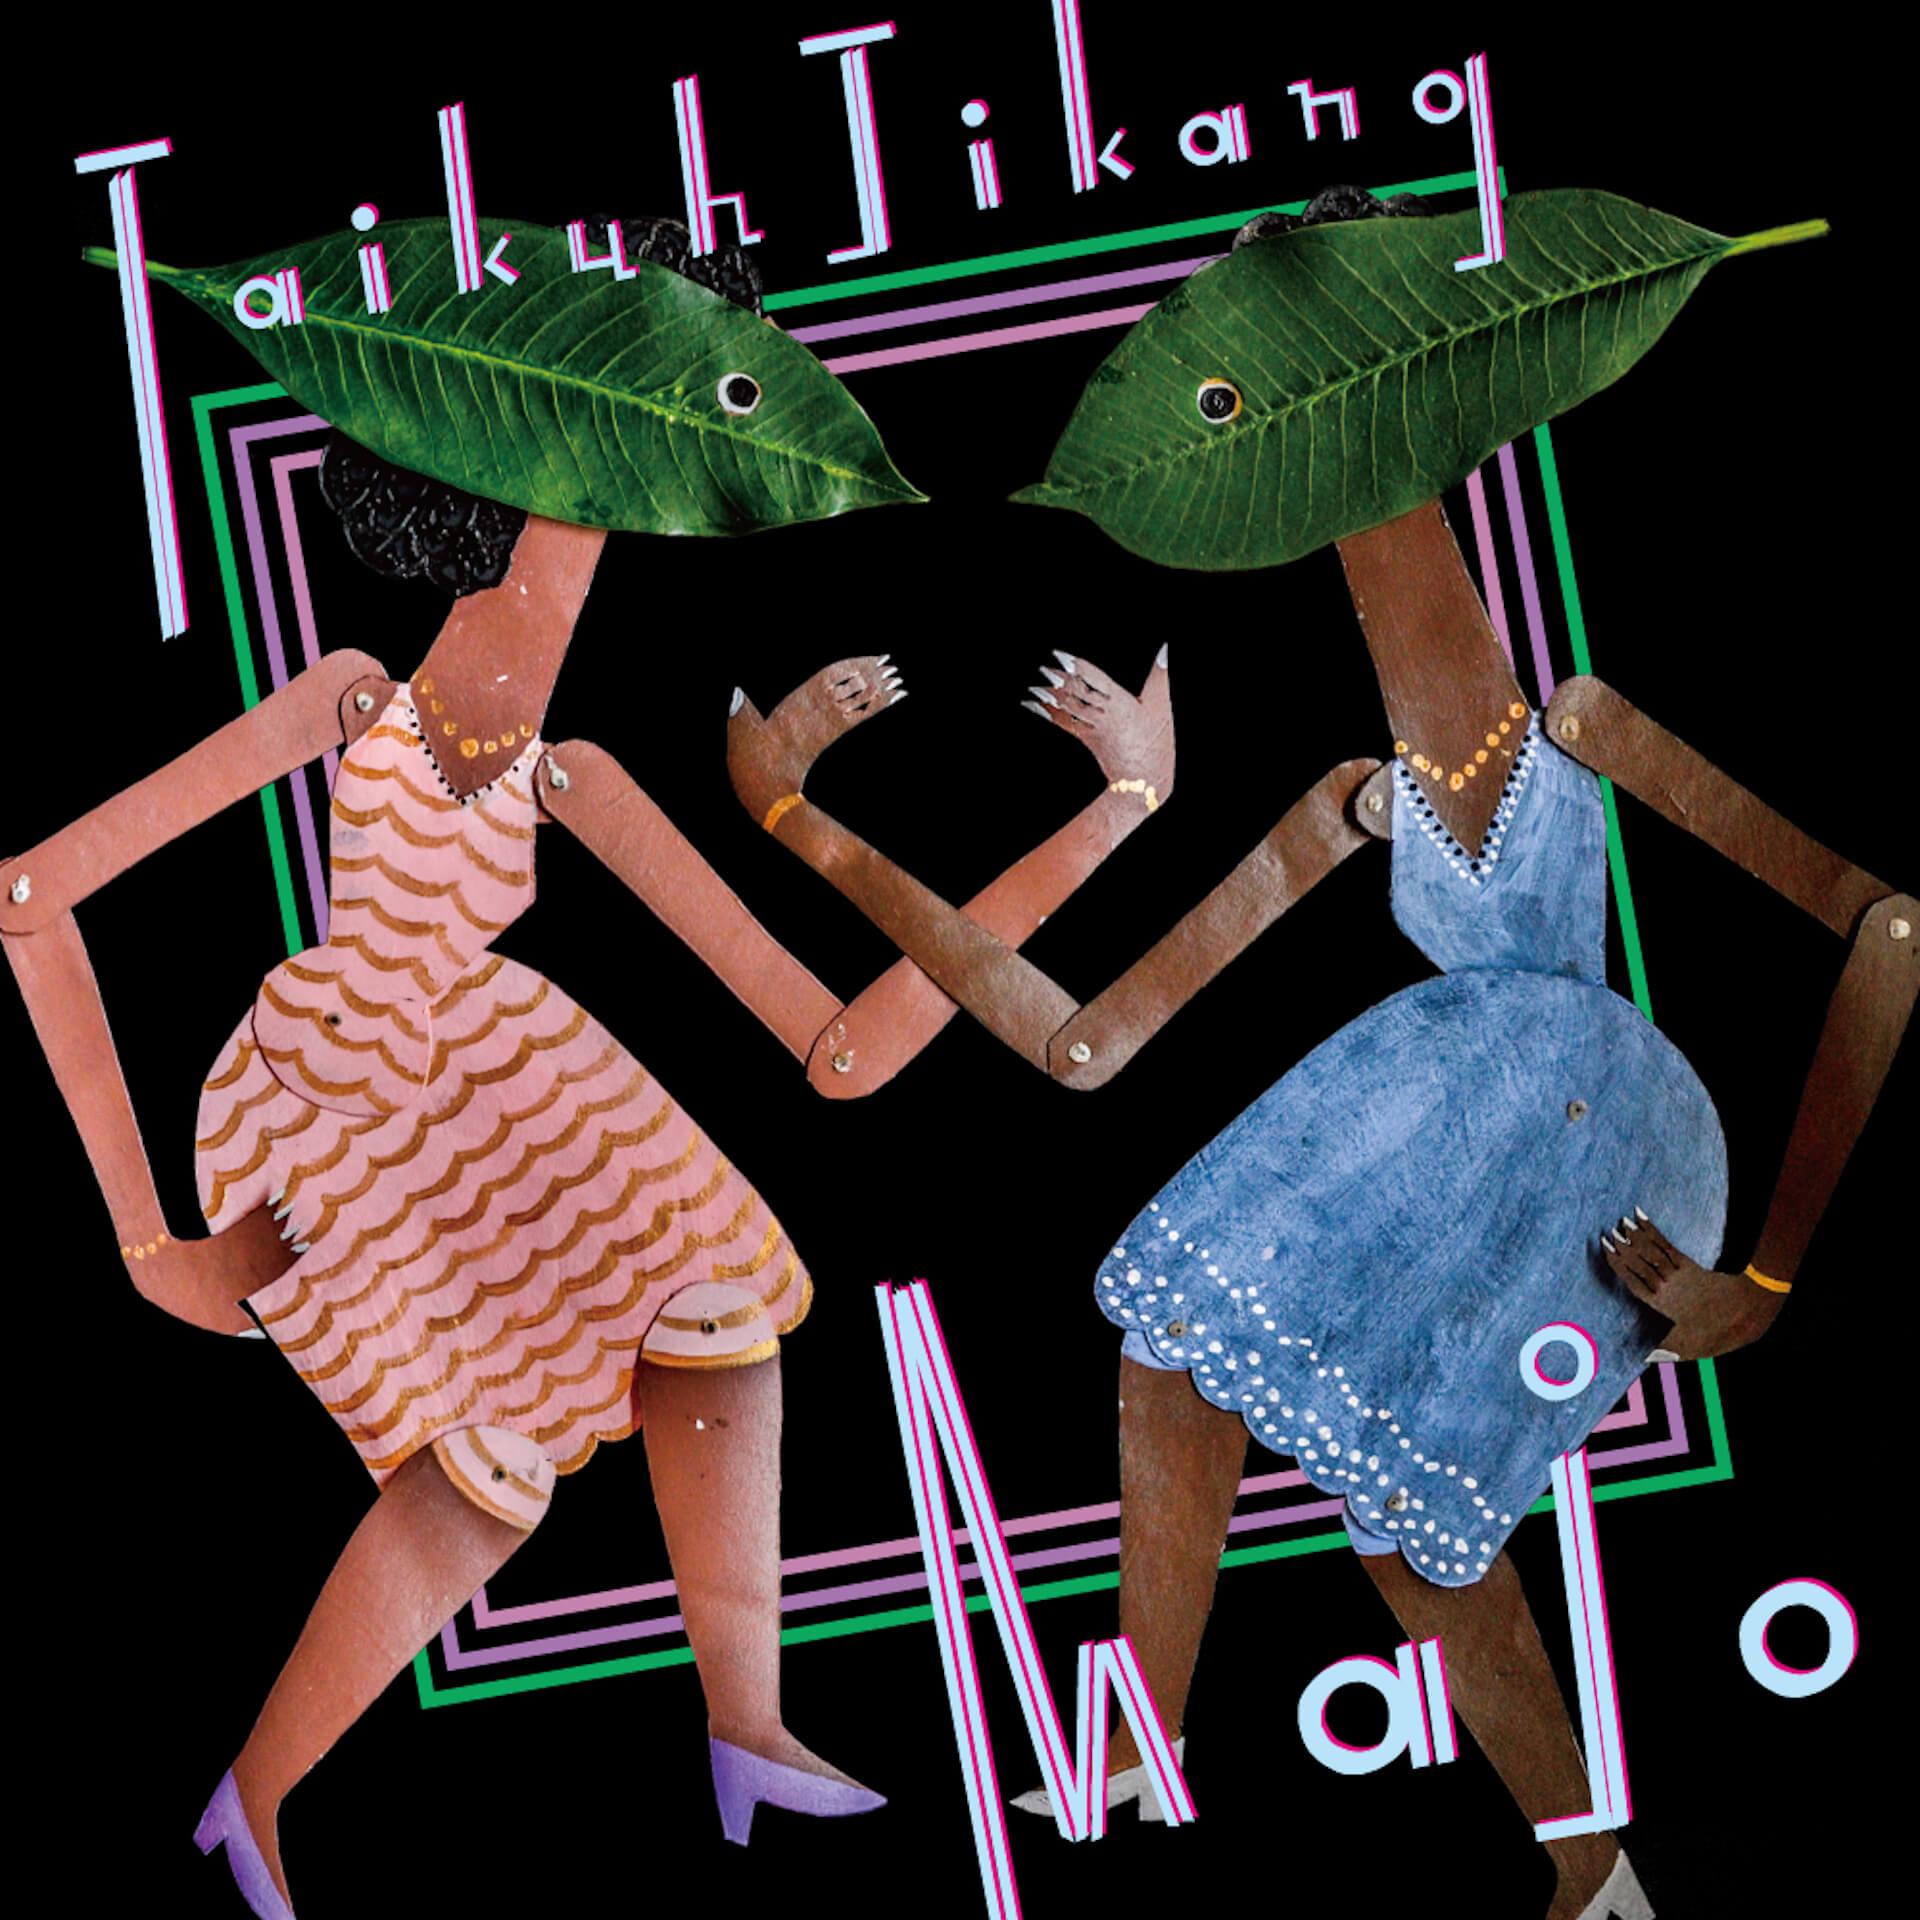 新作『Majo』で描く滞空時間のオルタナティヴとフォークロア interview210709_taikuhjikang_1